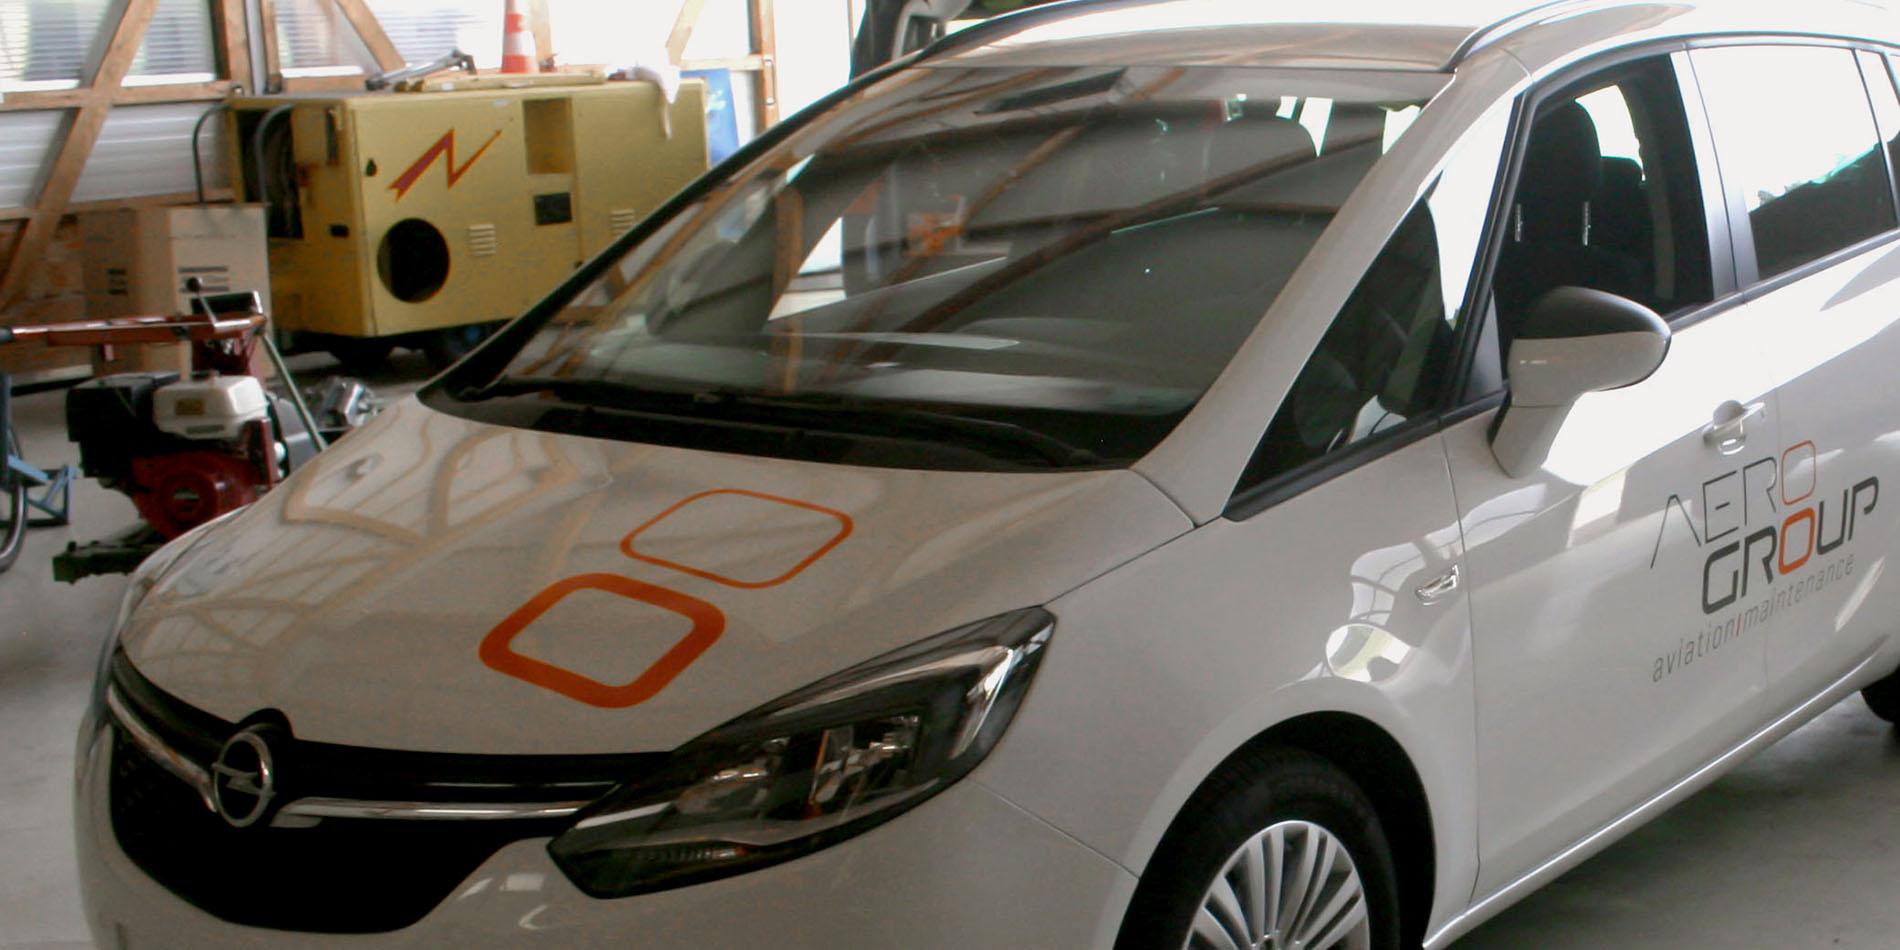 Aerogroup - Habillage sur voiture - B12communication, communication et graphisme